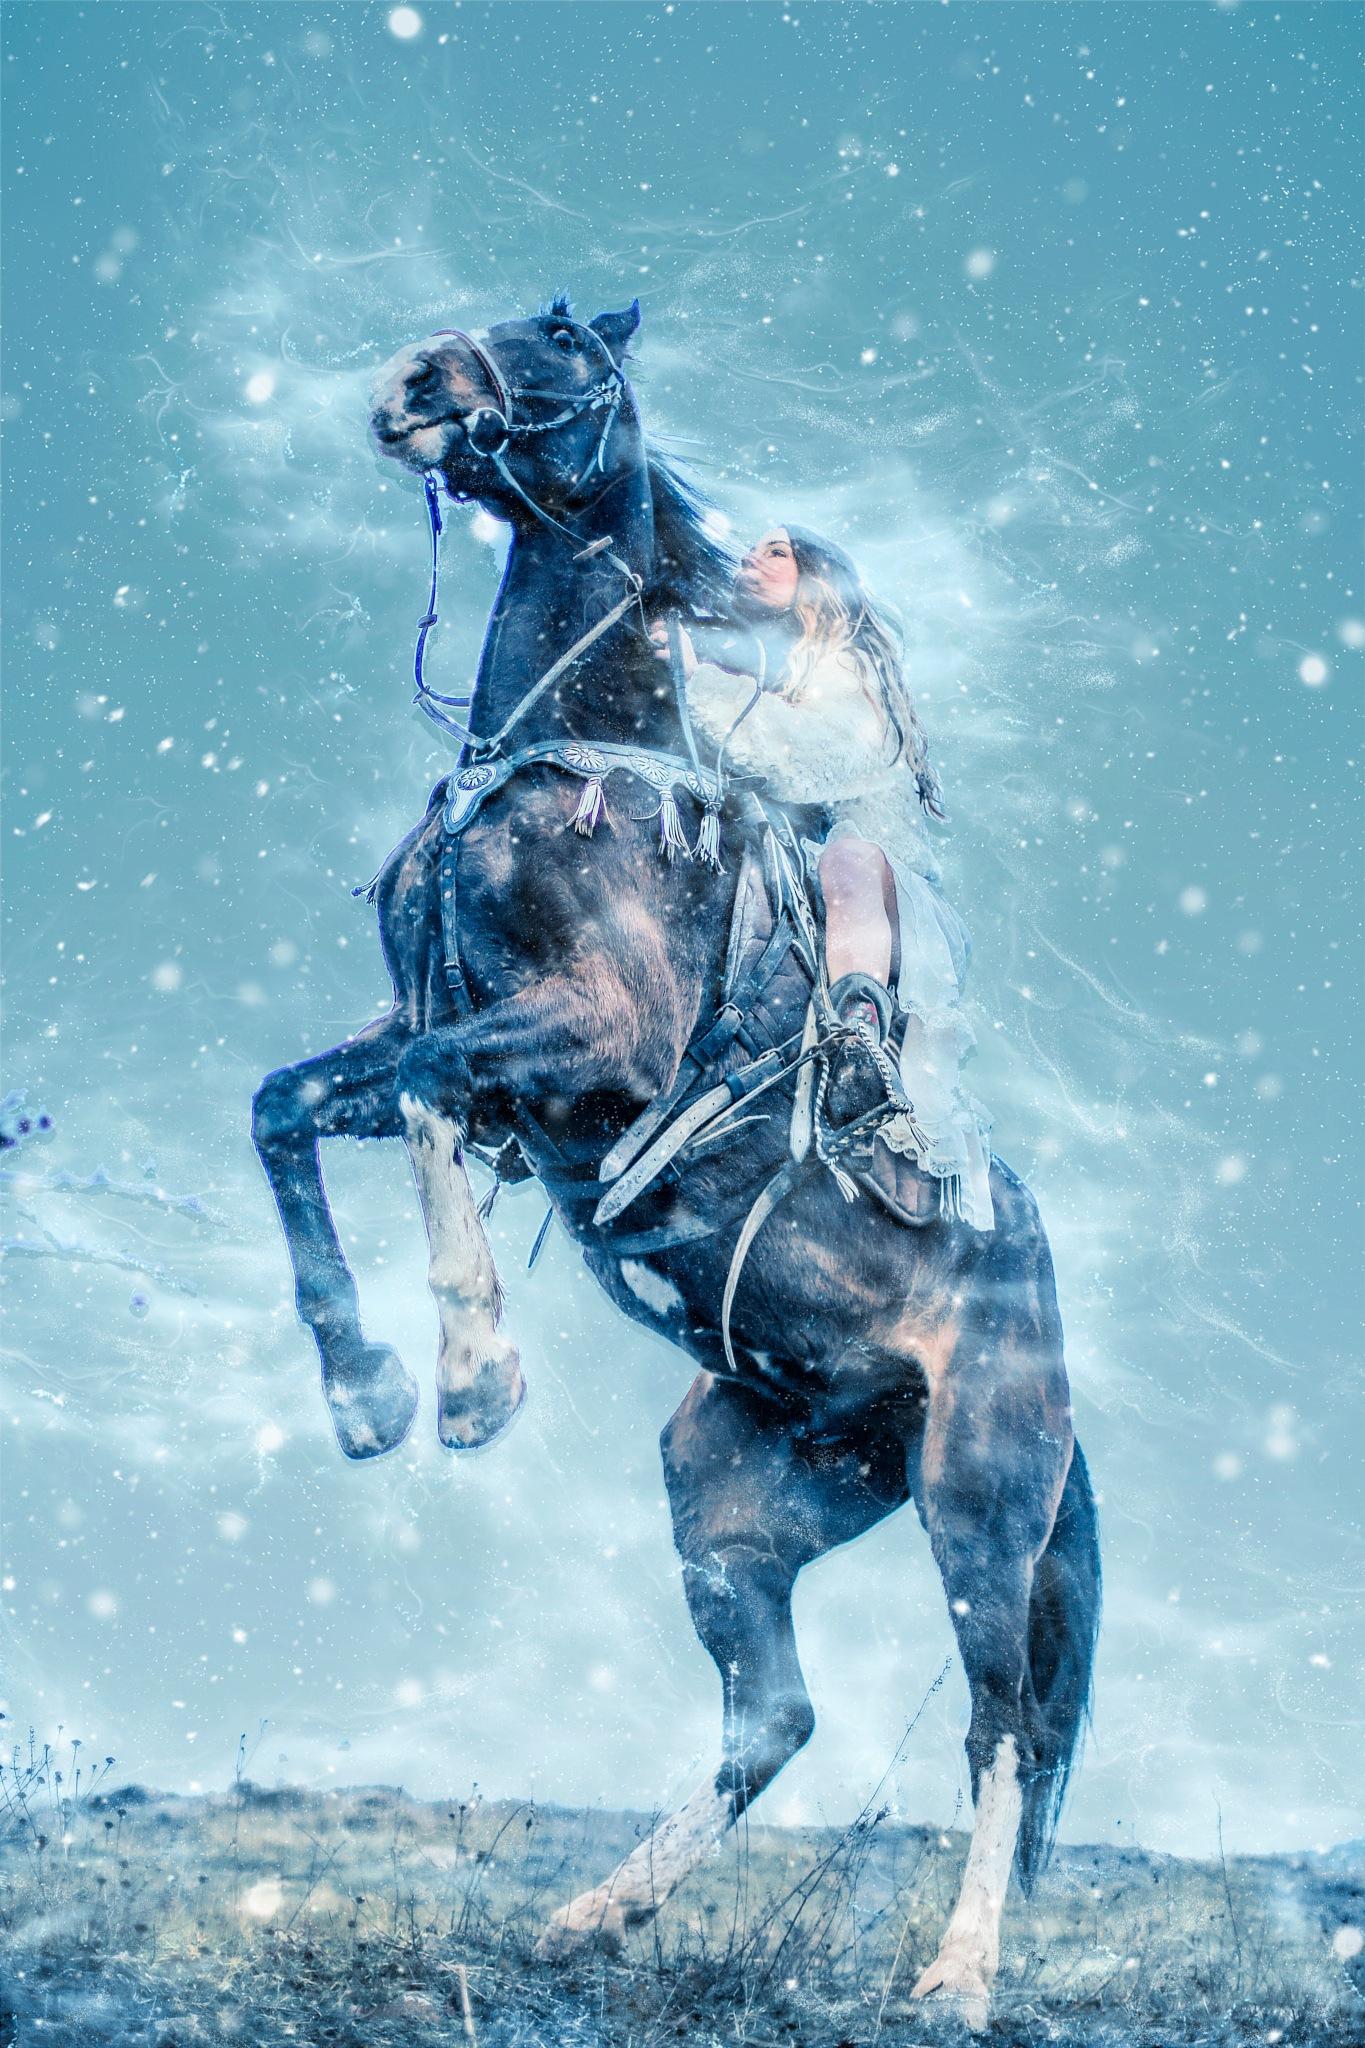 Blizzard by Art Tower Brigitte Werner